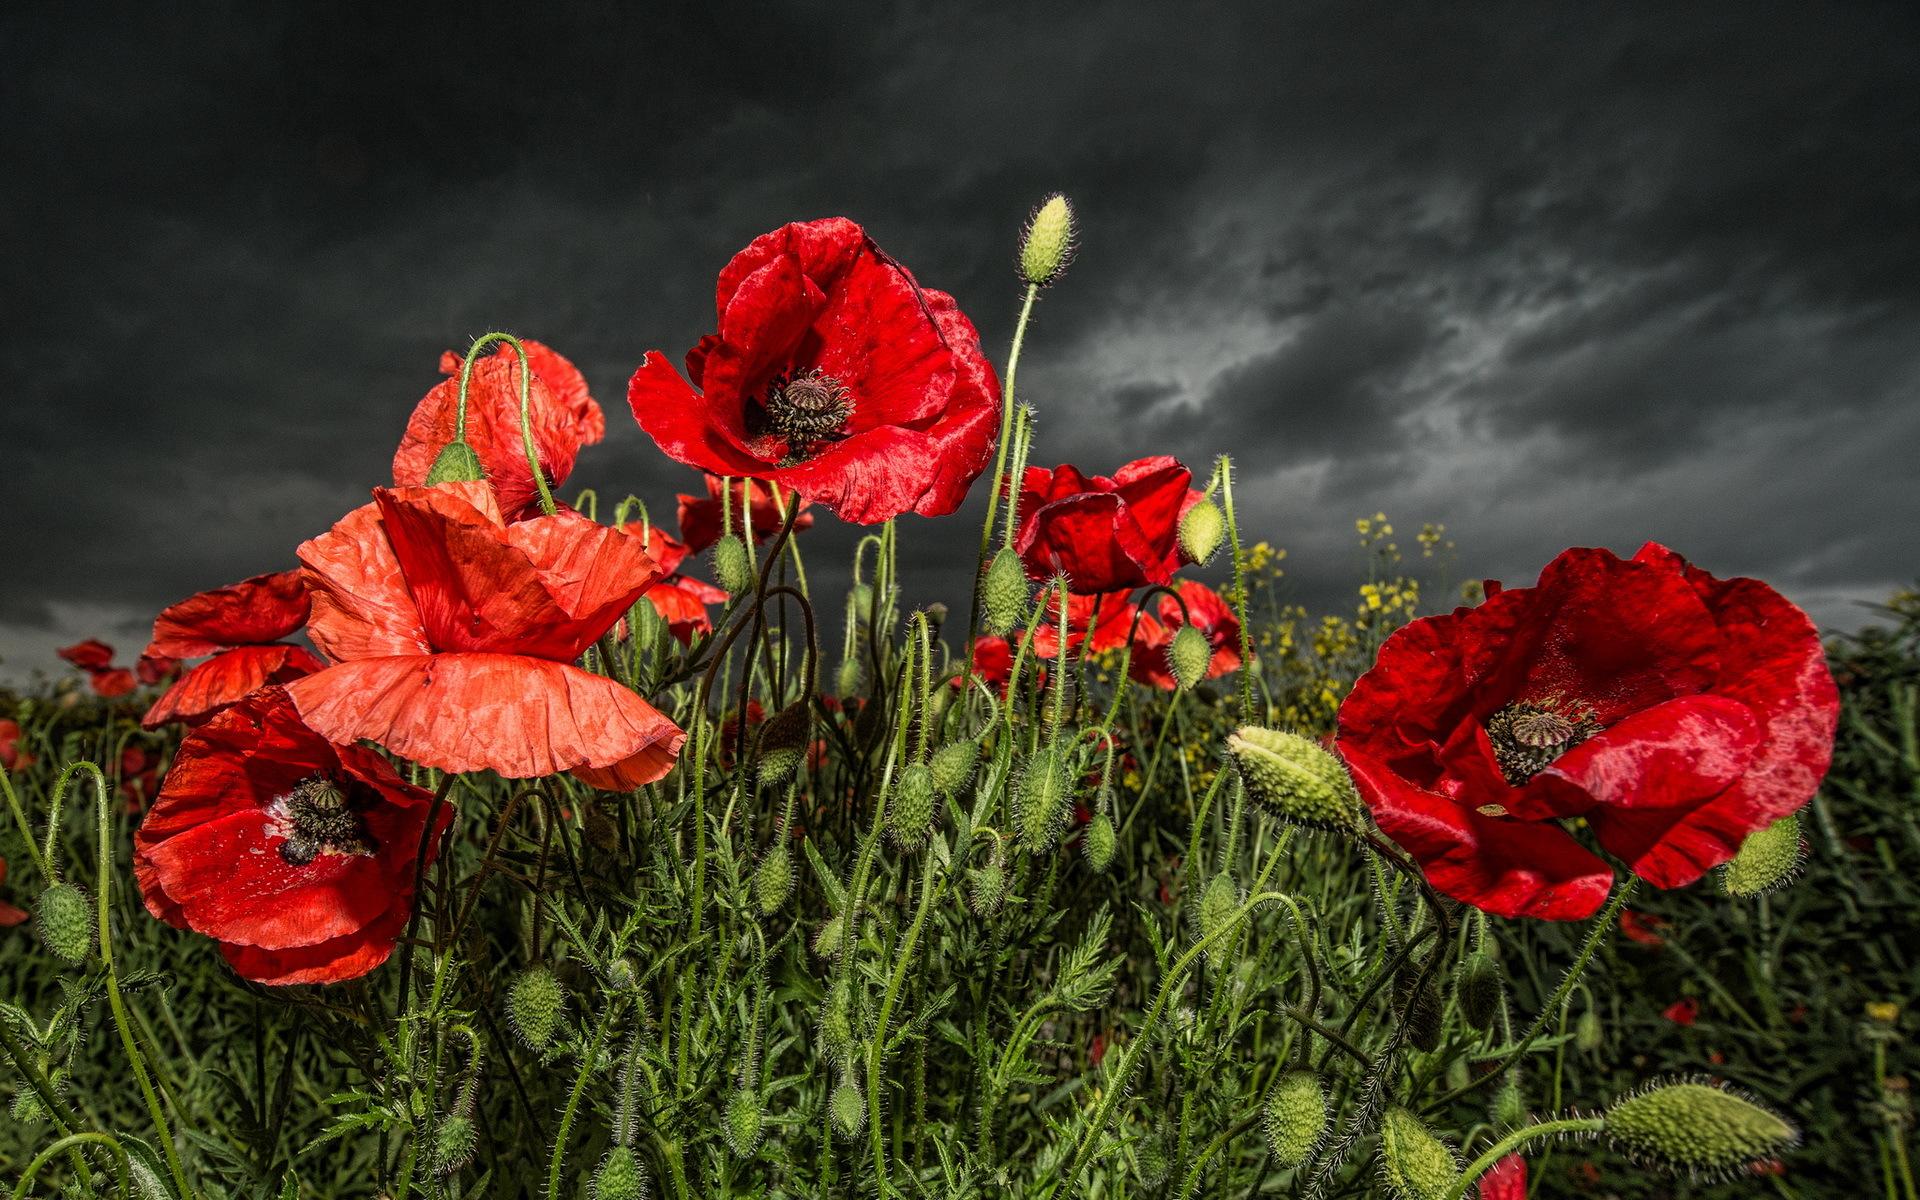 Poppy flower wallpaper wallpaper free download 1920x1200 mightylinksfo